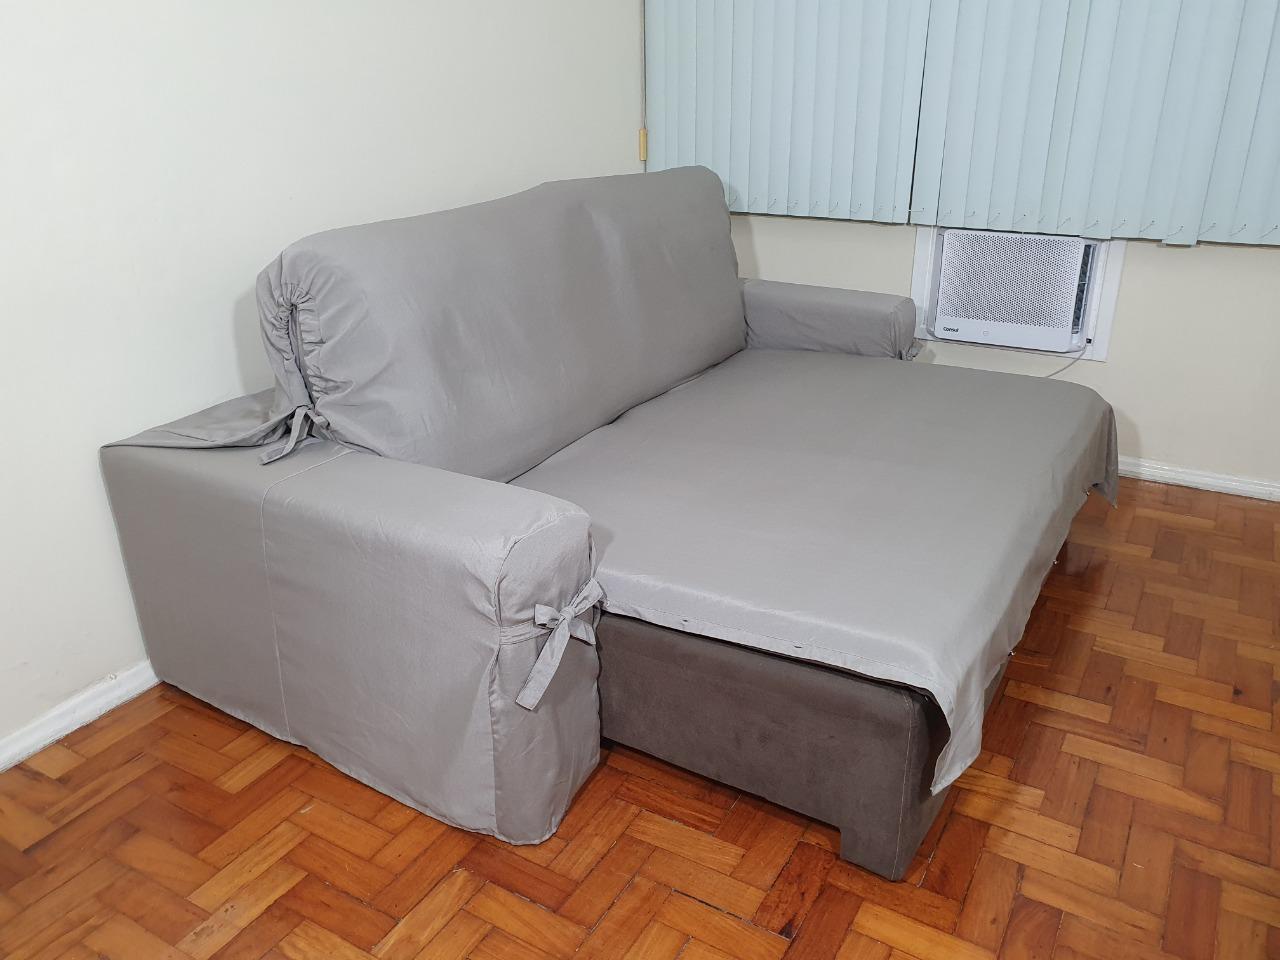 Capa p/ Sofá Retrátil e Reclinável em GORGURÃO CINZA - Veste Sofás de 1,96m até 2,35m